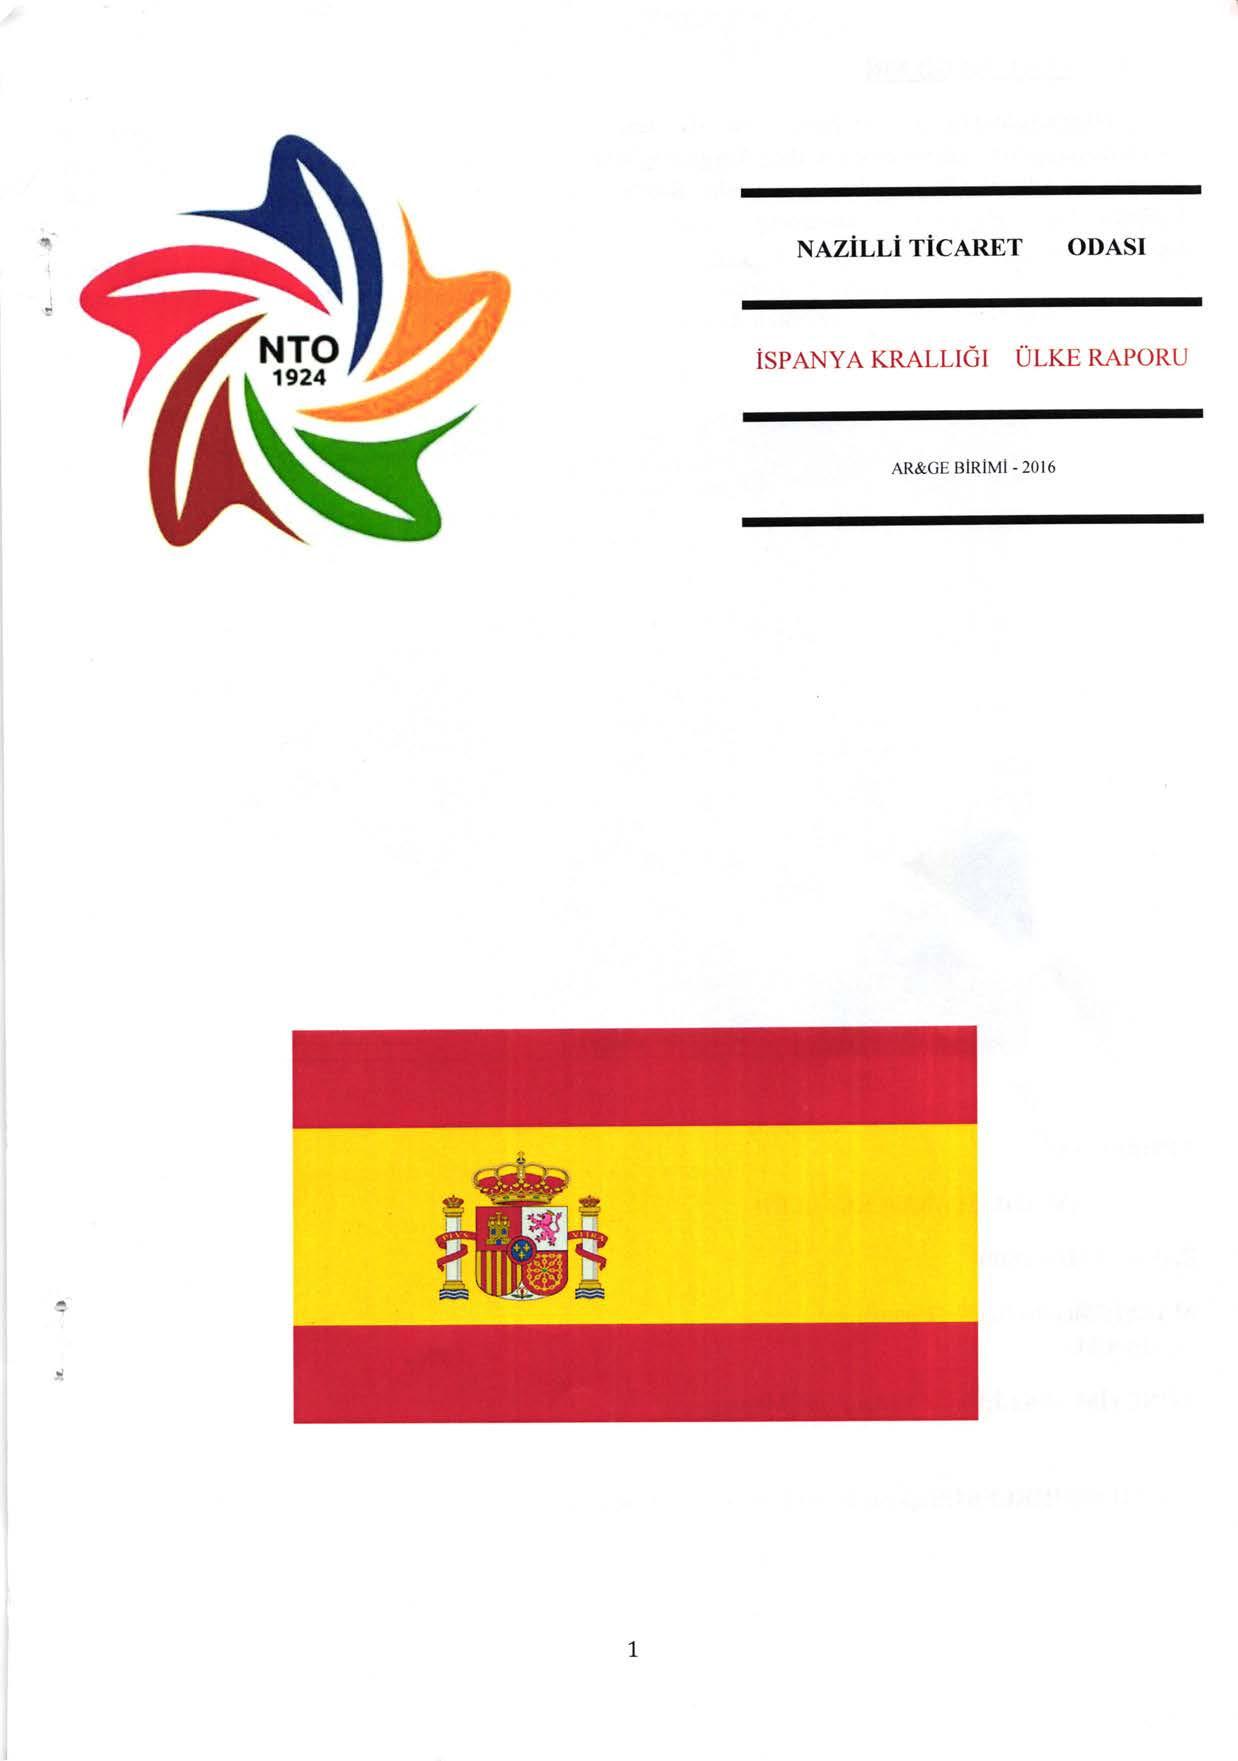 ispanya-ulke-raporu_001